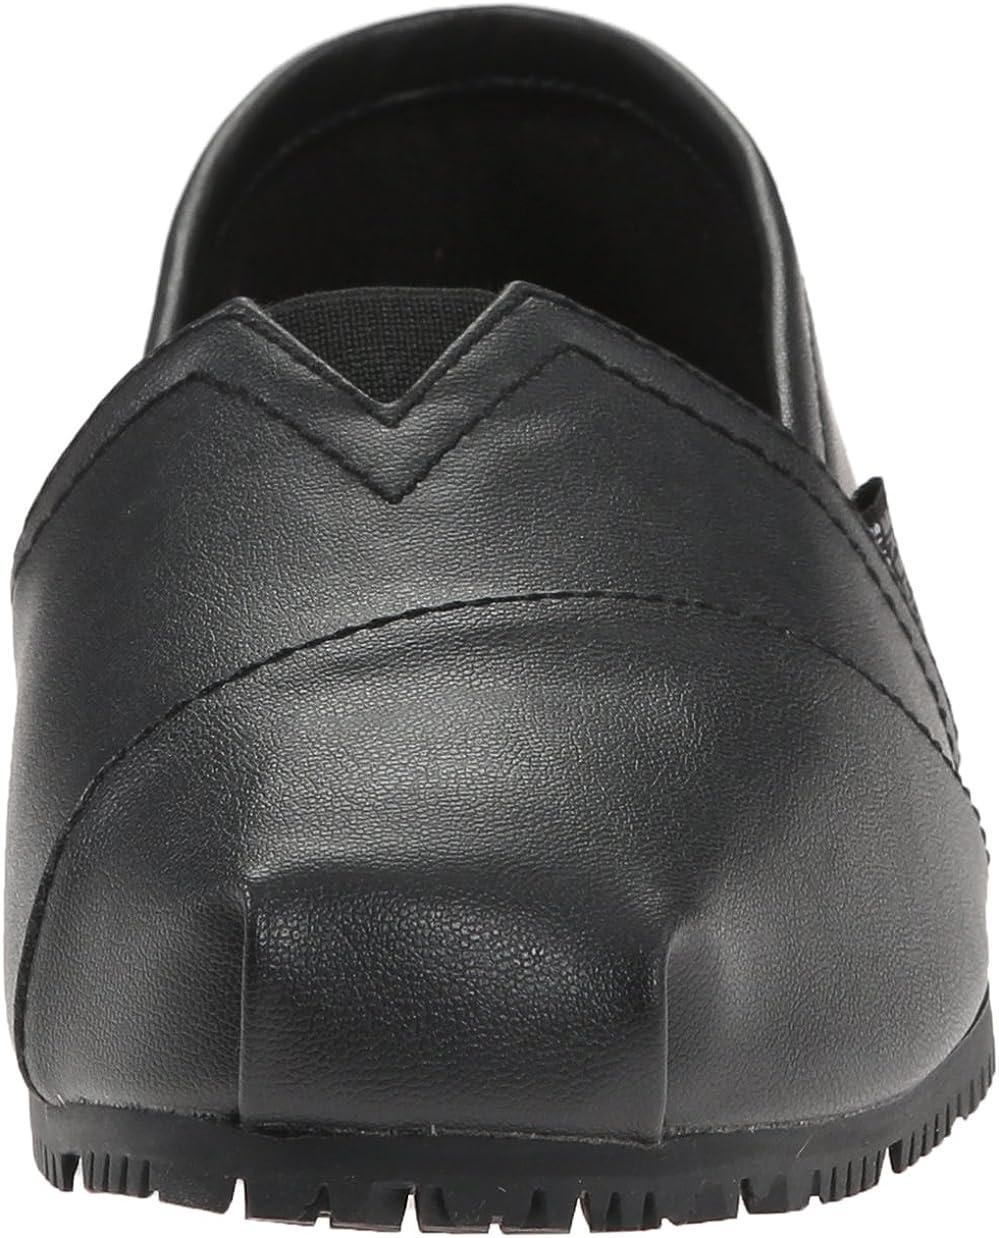 Slip Resistant Loafer